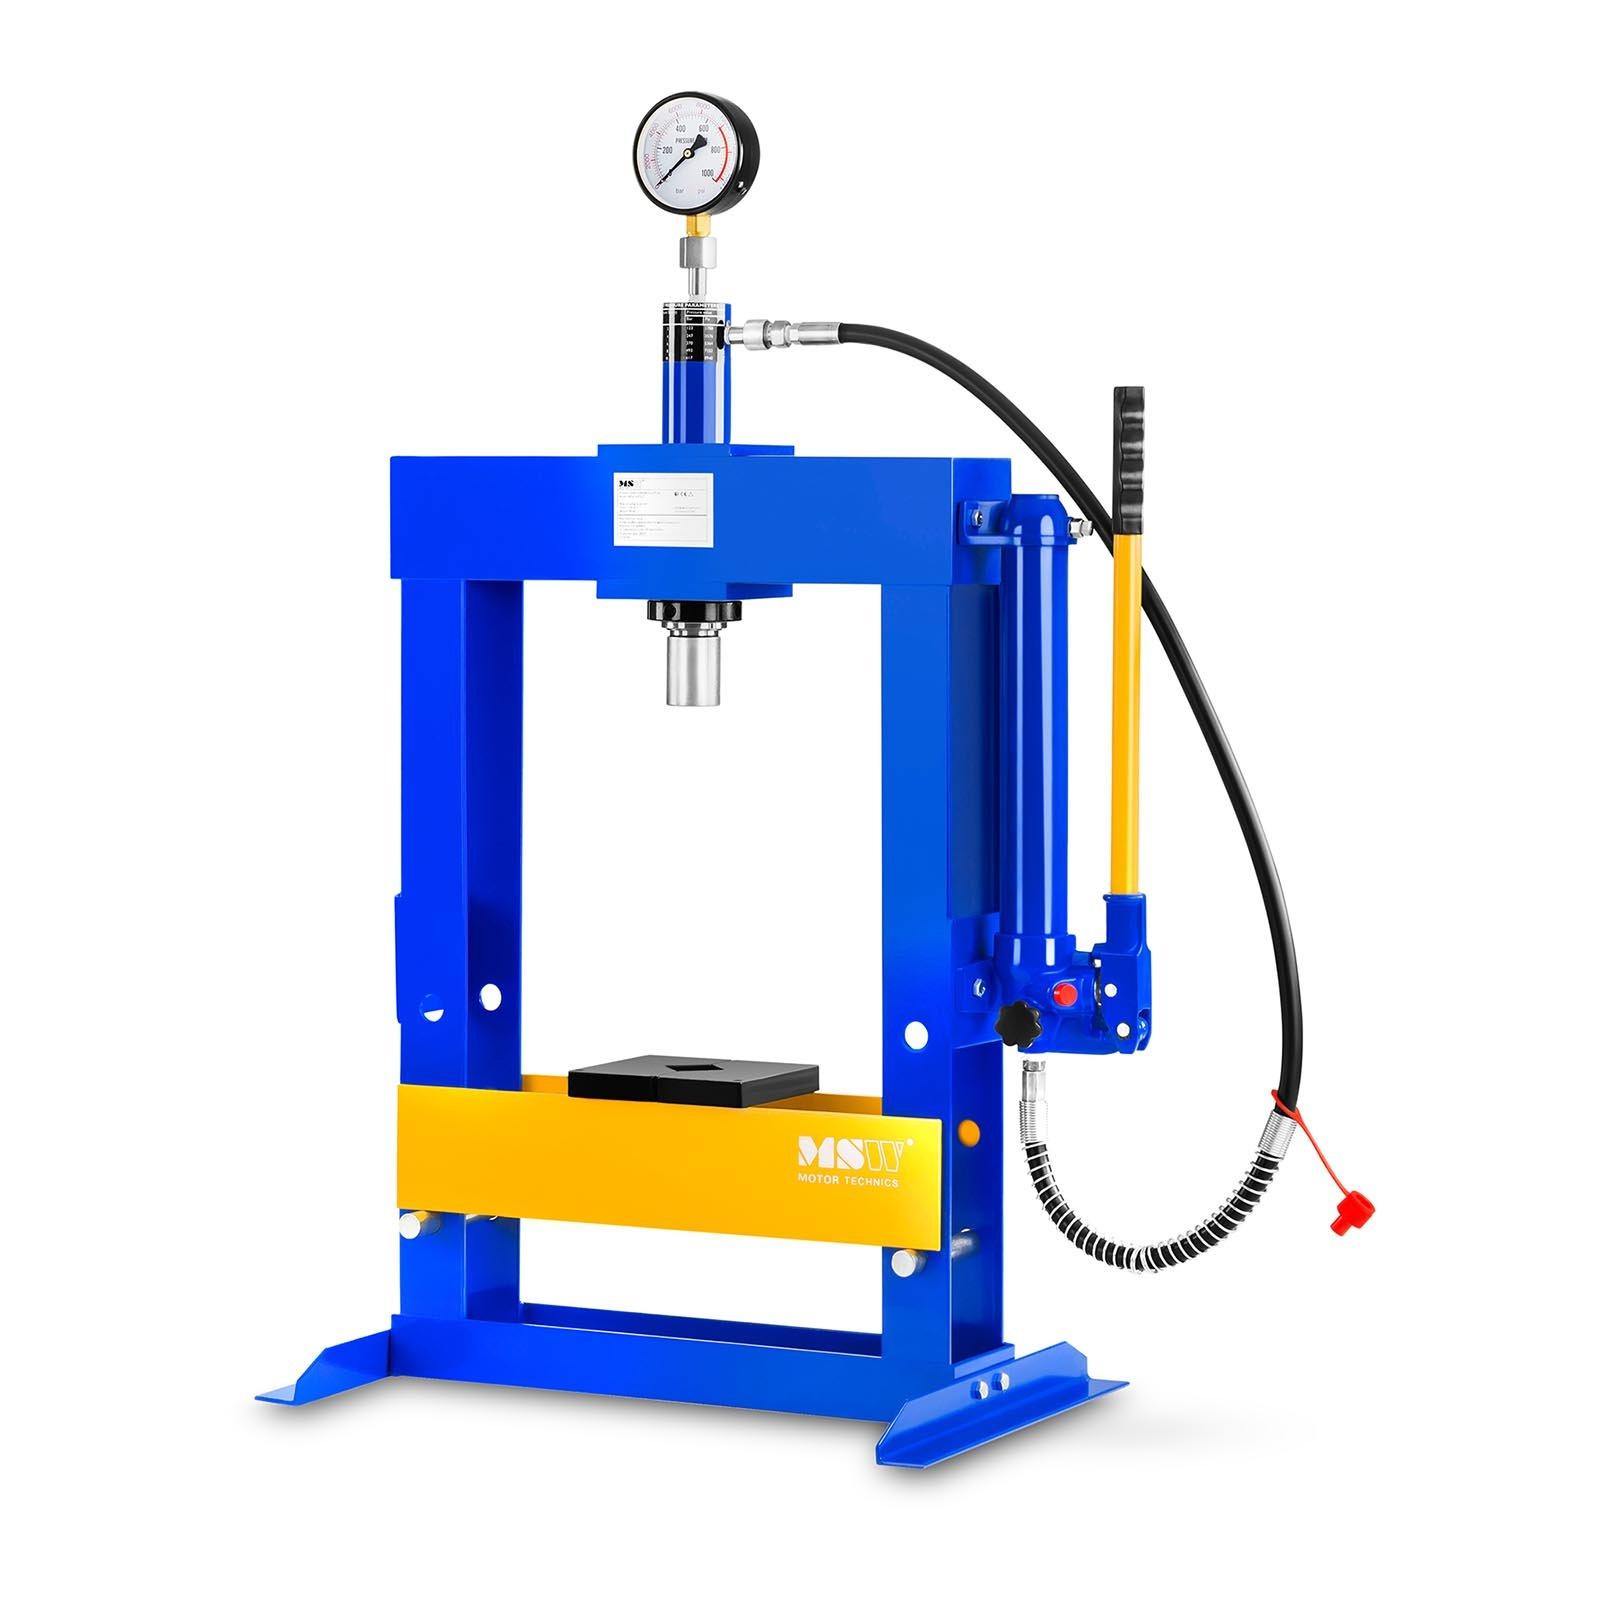 MSW Werkstattpresse hydraulisch - 10 t Pressdruck 10060300